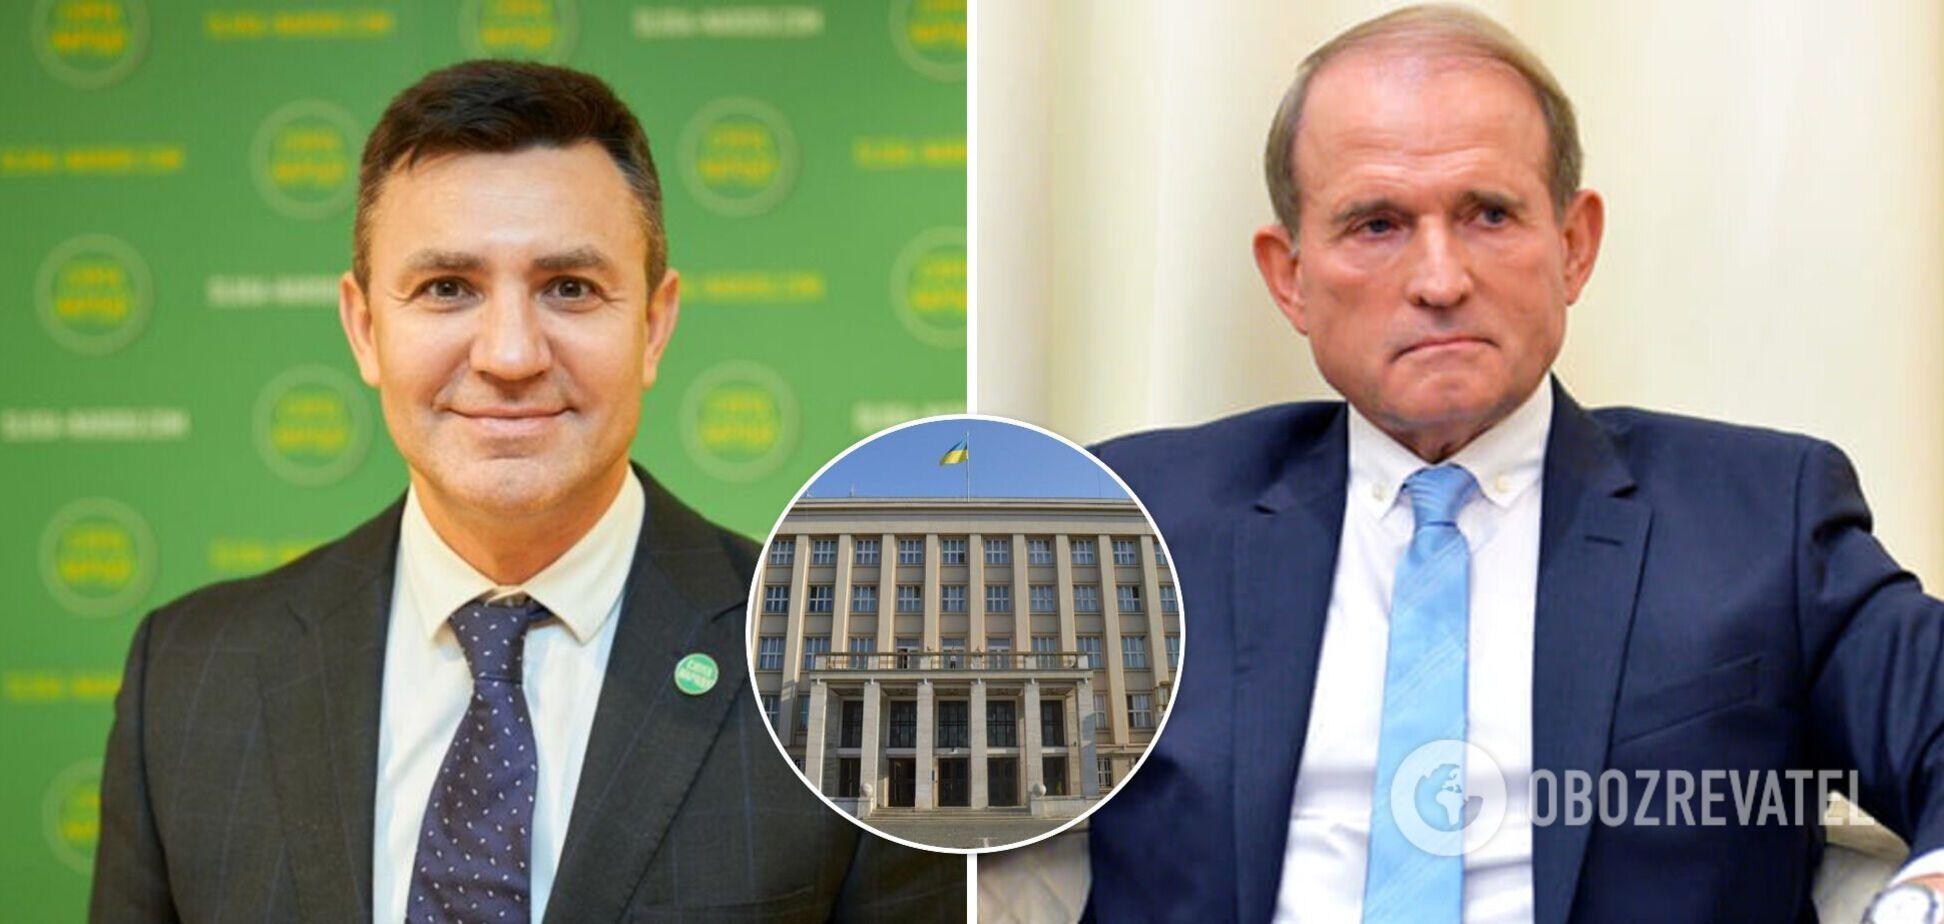 Управлять бюджетом Закарпатья отдали родственнику Медведчука